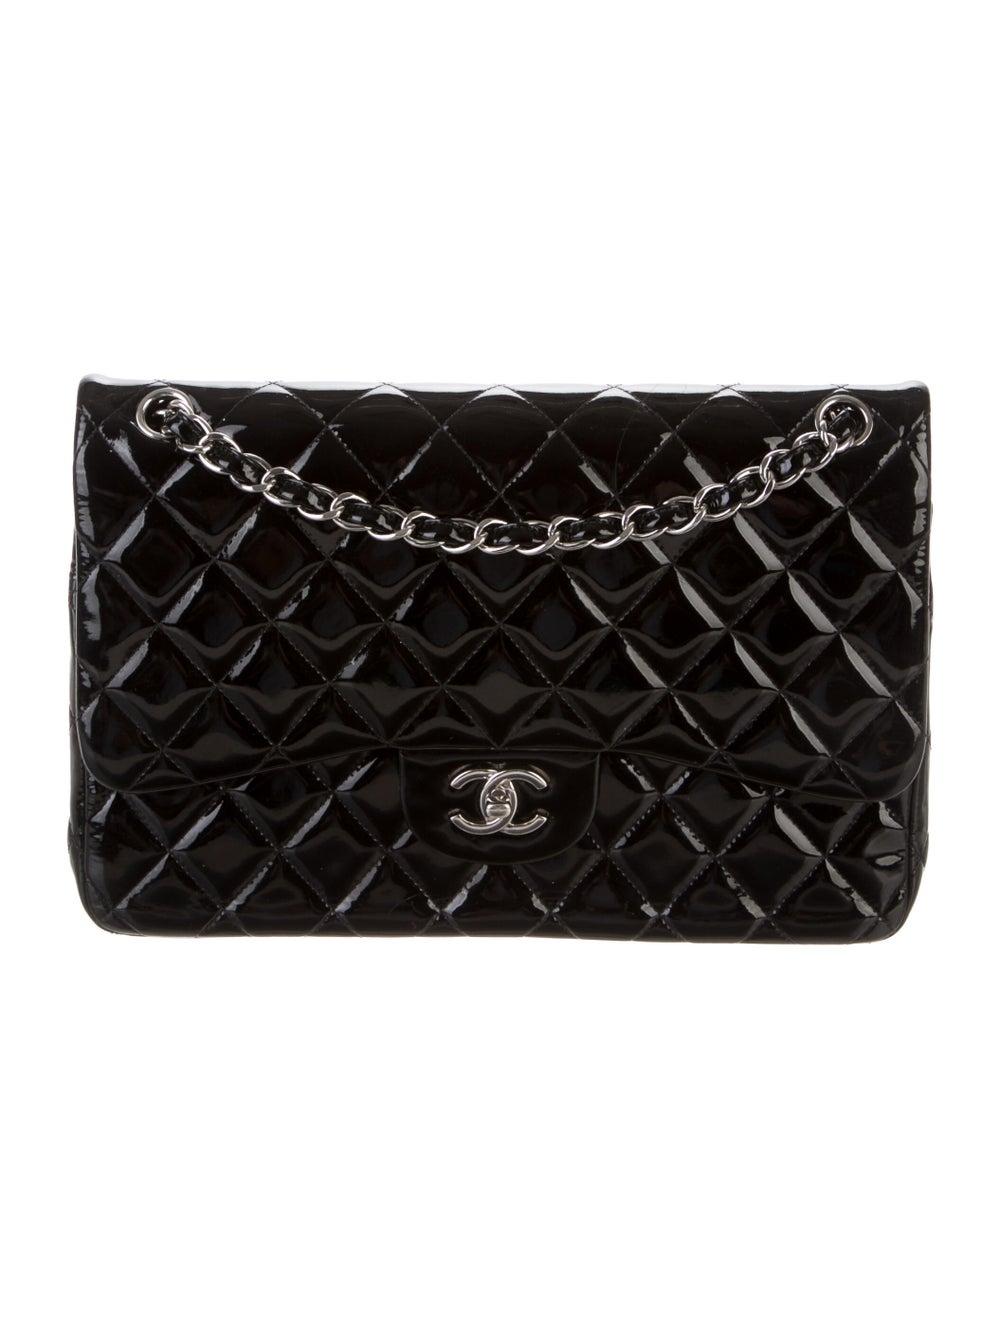 Chanel Classic Jumbo Double Flap Bag Black - image 1